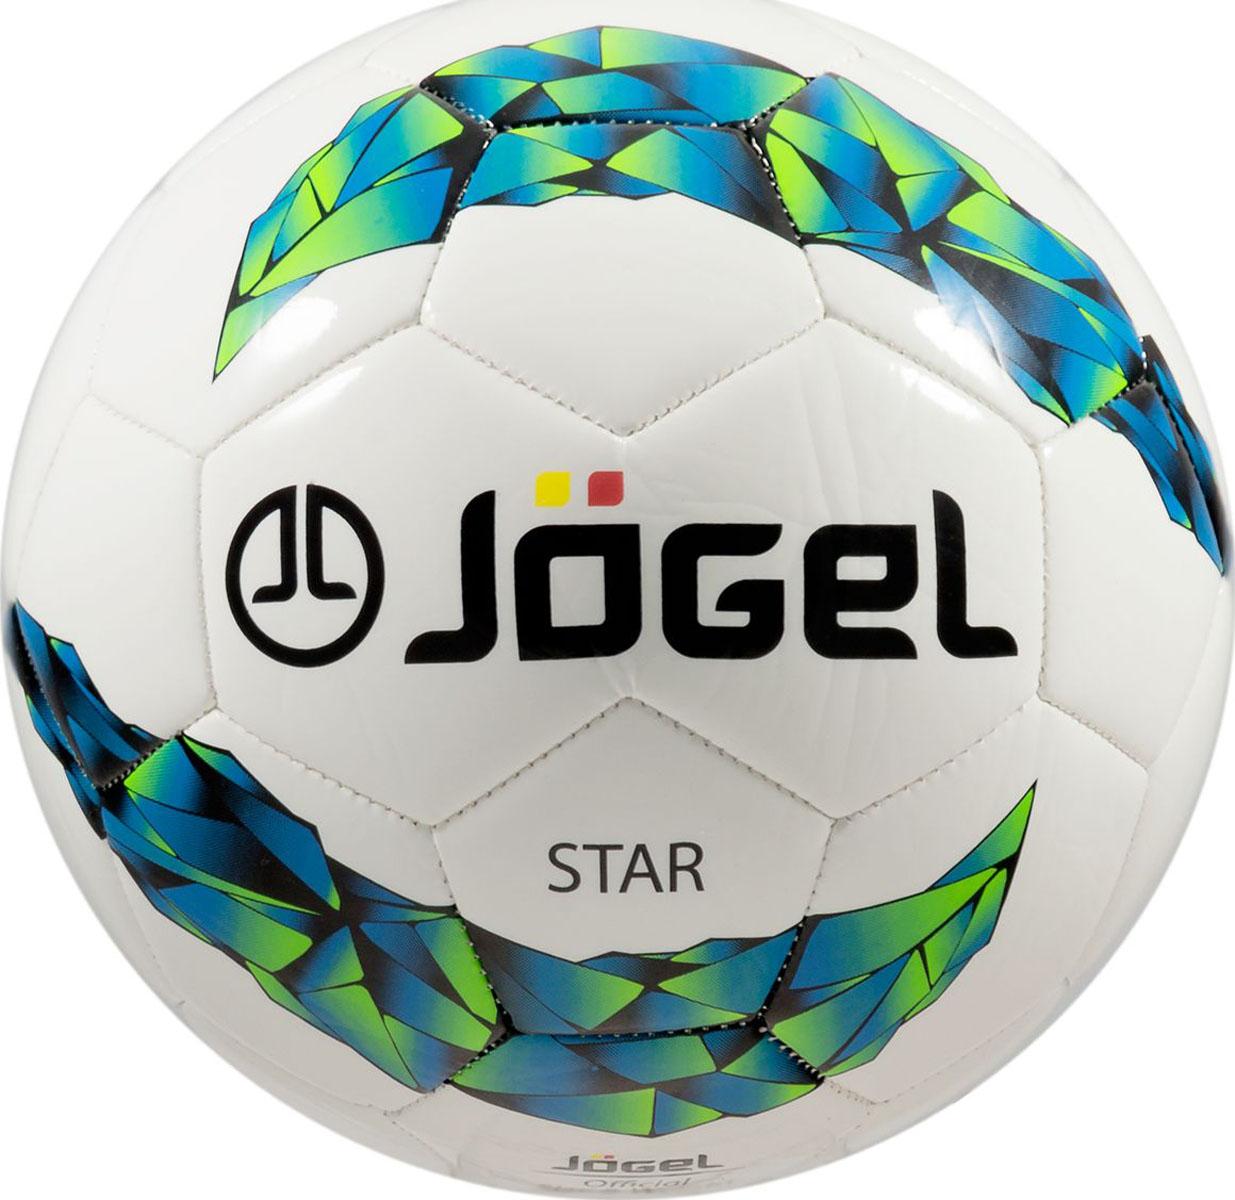 Мяч футзальный Jogel Star, цвет: белый. Размер 4. JF-200УТ-00009332Название: Мяч футзальный Jgel JF-200 Star №4Категория: Любительский мячКоллекция: 2016/2017Описание: Jogel JF-200 Star прекрасный любительский мяч, являющийся хитом продаж в своей ценовой категории, благодаря недорогой стоимости и удачно подобранным материалам. Поверхность мяча выполнена из синтетической кожи (термополиуретан) толщиной 3.0 мм, благодаря чему мяч обладает мягкой и тактильно приятной поверхностью. Мяч оснащен бутиловой камерой со специальным наполнителем, обеспечивающим рекомендованный FIFA низкий отскок. Данный мяч рекомендован для тренировок и тренировочных игр клубных и любительских команд.Уникальной особенностью бренда Jogel является традиционная конструкция мячей из 30 панелей. Привлекательный дизайн Коллекции 2016/2017 ярко выделяет мячи Jogel на витрине. Данный мяч подходит для поставок на гос. тендеры. Официальный размер, вес и отскок FIFA.Рекомендованные покрытия: Паркет, уличные площадки с твердыми ровными поверхностямиМатериал поверхности: Синтетическая кожа (термополиуретан) толщиной 3.0 ммМатериал камеры: Бутил с наполнителемТип соединения панелей: Машинная сшивка Количество подкладочных слоев: 2Количество панелей: 30Размер: Официальный размер для футзалаВес: 400-440 грДлина окружности: 62-64 смРекомендованное давление: 0.5-0.6 барОсновной цвет: белый Дополнительный цвет: синий, зеленый, черныйБренд: JogelСтрана бренда: ГерманияПроизводство: КНР